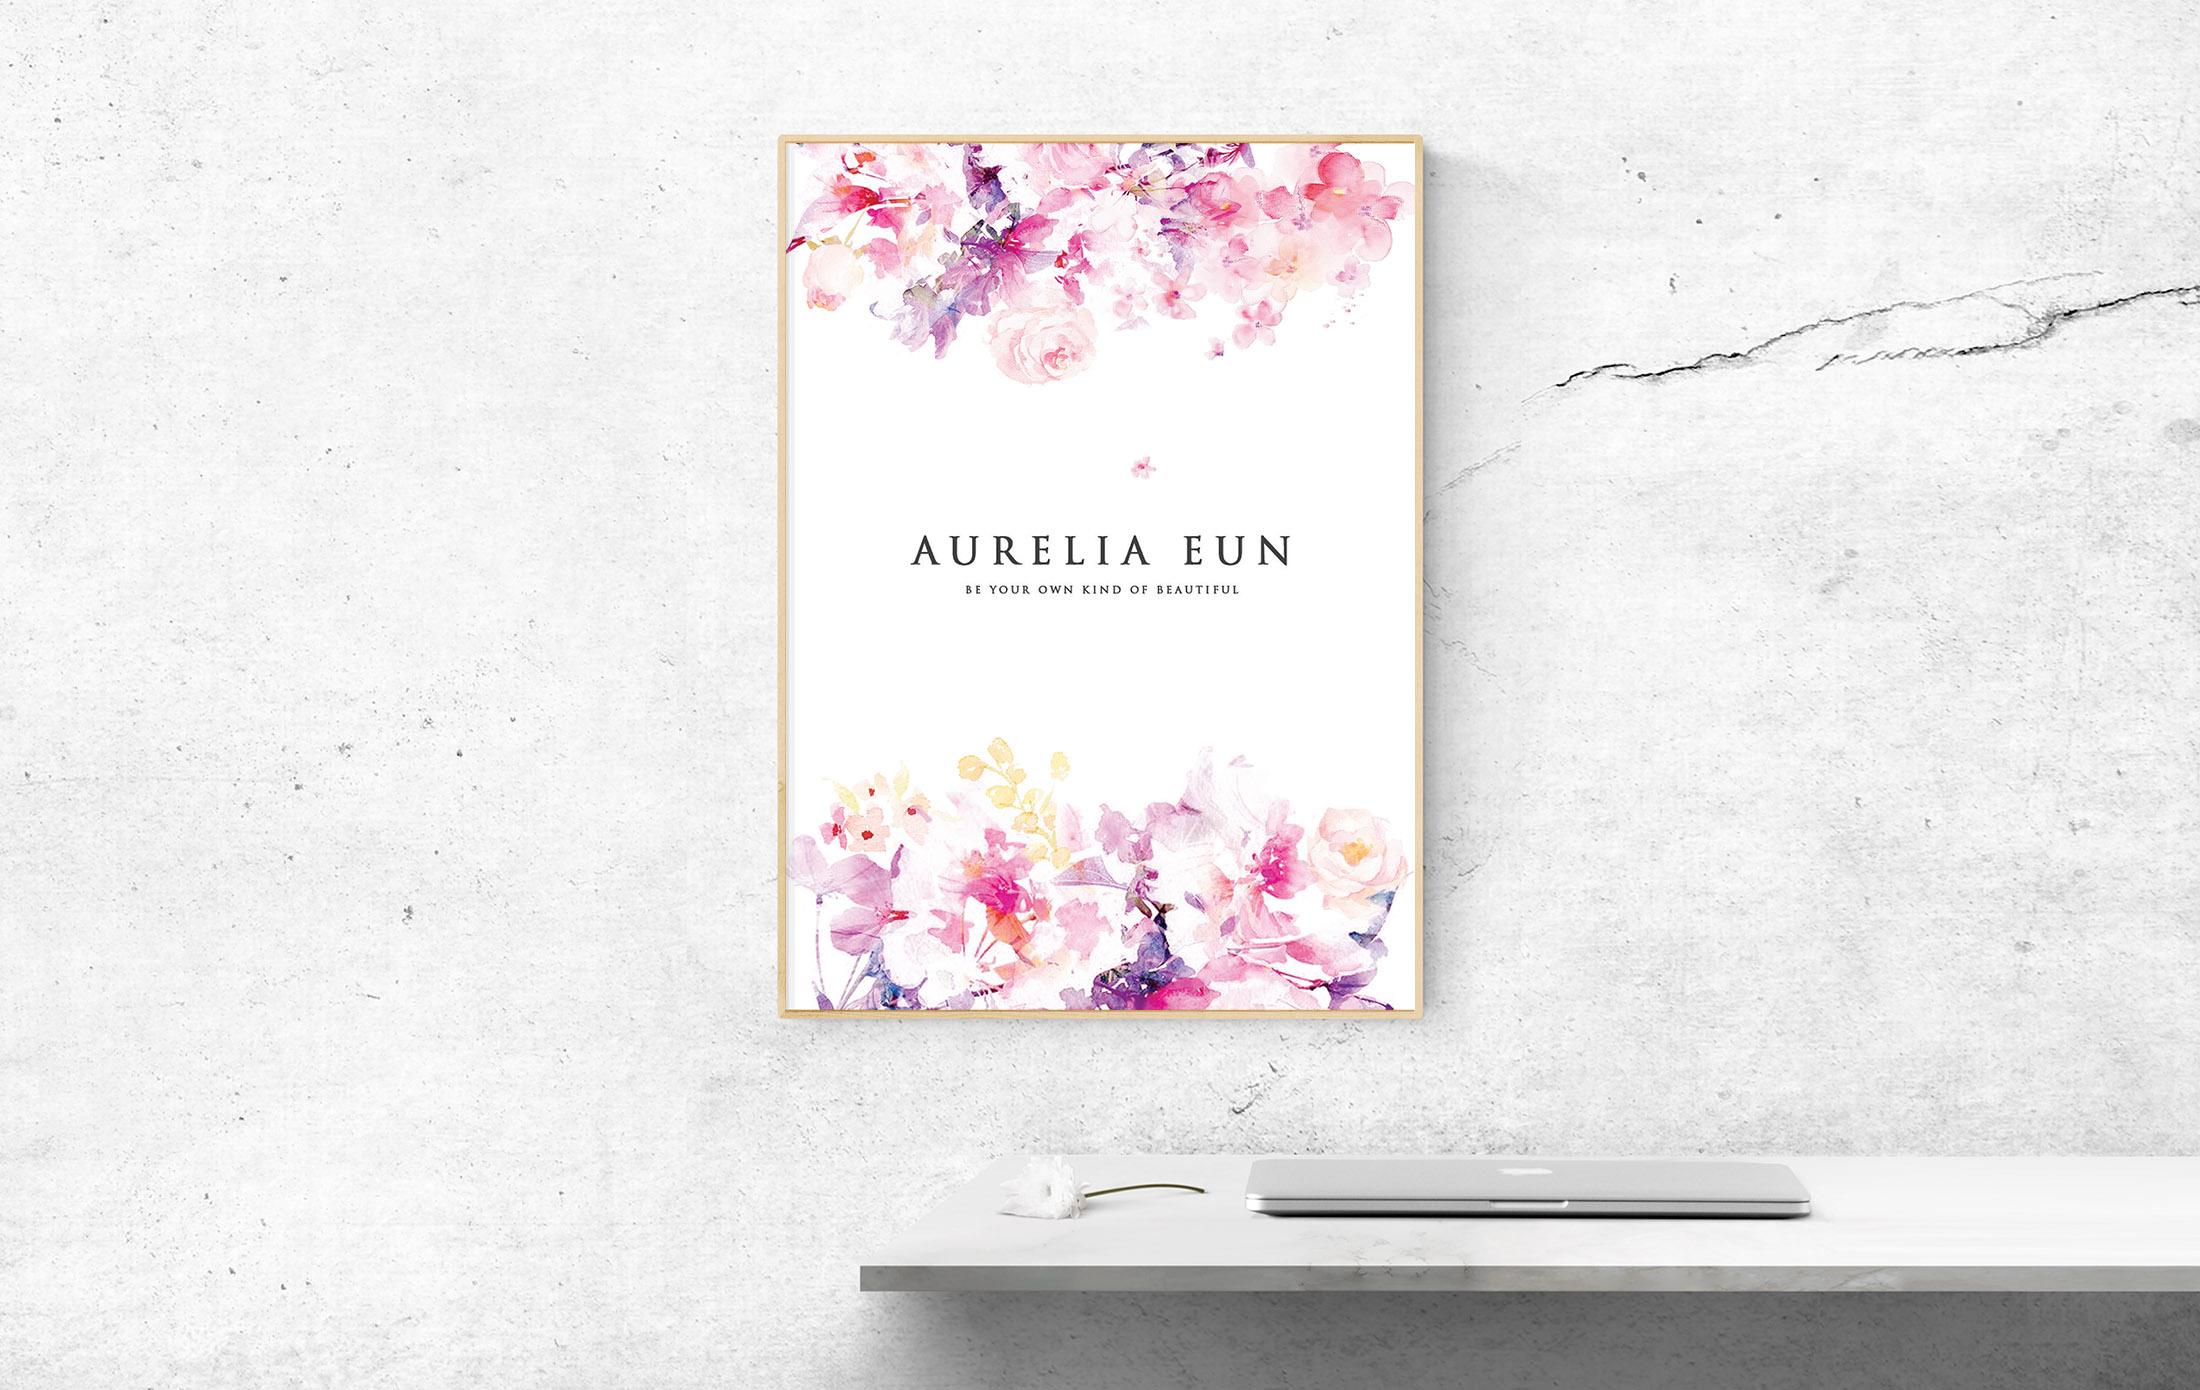 Aurelia Eun Project